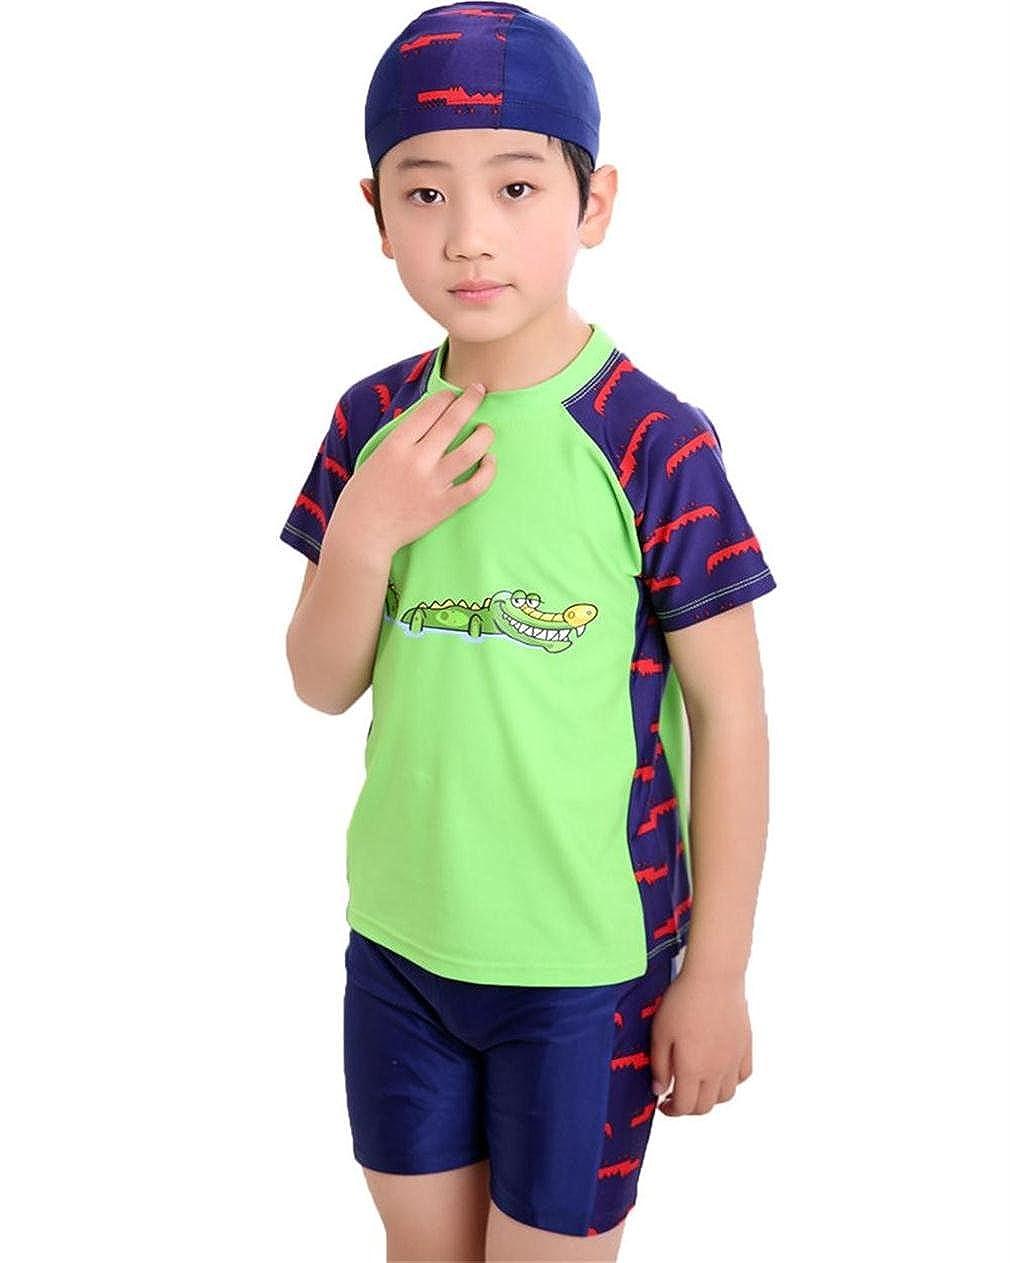 Monvecle Little Boys' 3-Pieces Rash Guard Swimsuits UPF 50+ Sun Protection Swim Set